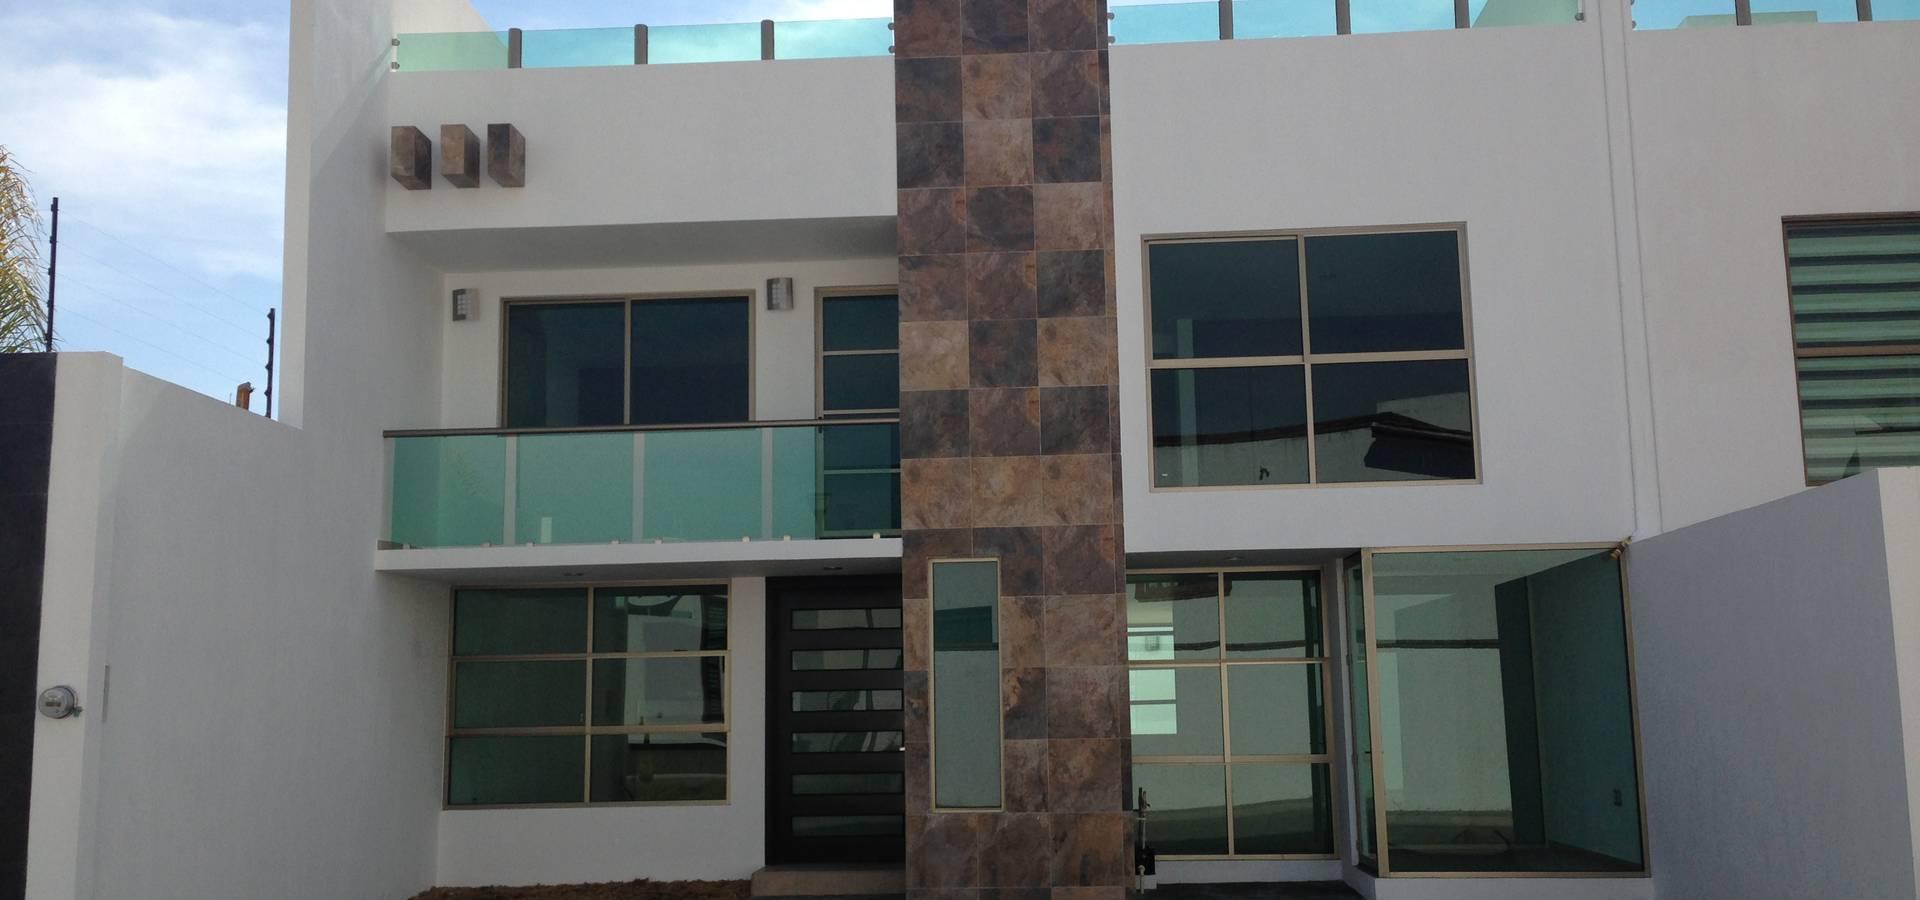 Casa En Tulancingo Fraccionamiento San Francisco Huatengo De  # Muebles Tulancingo